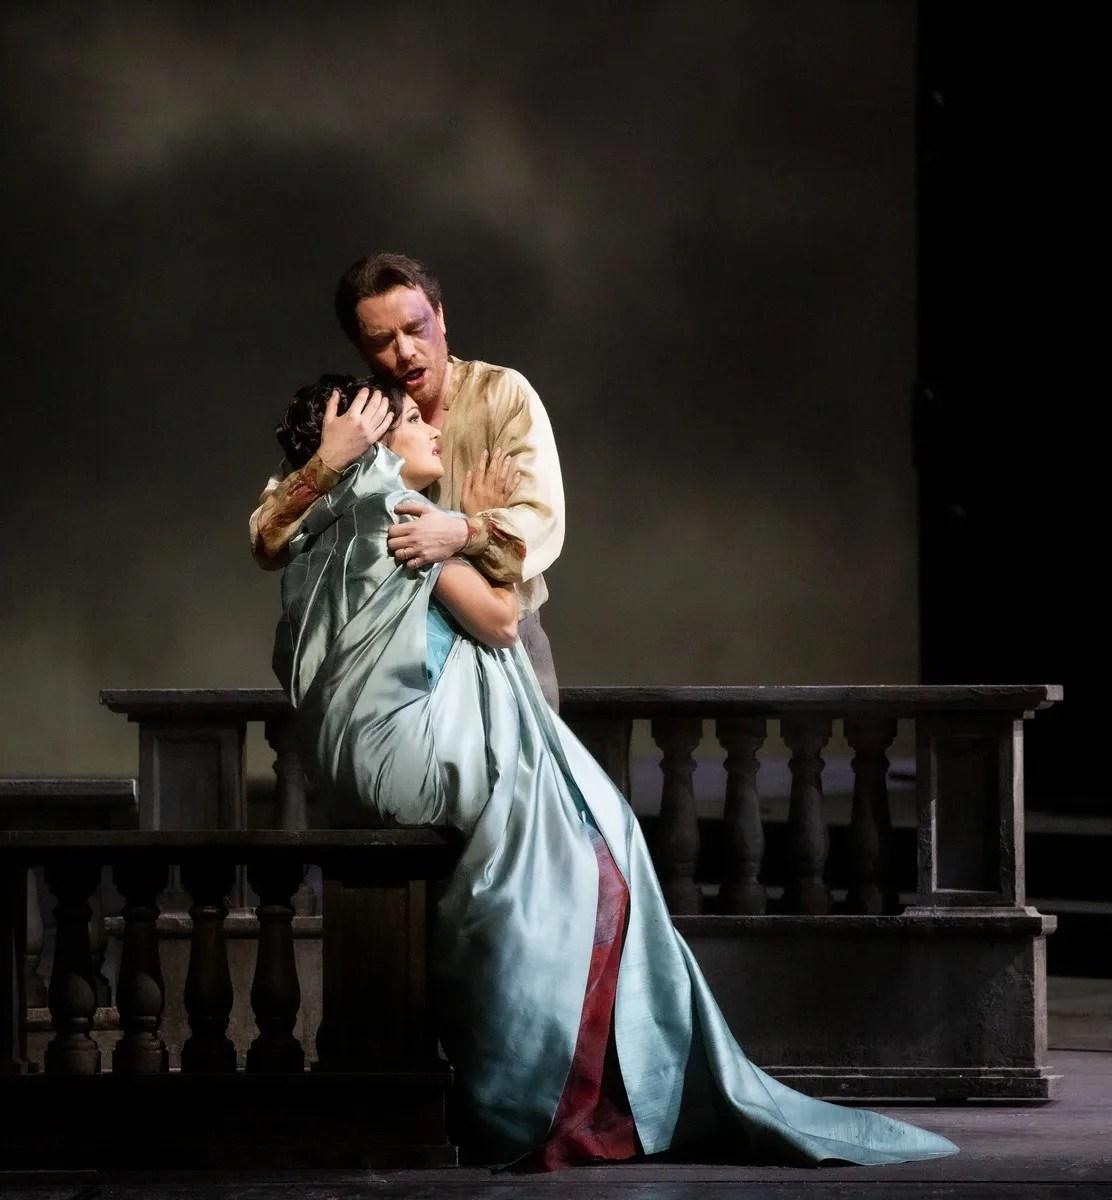 29 Tosca with Meli and Netrebko, photo by Brescia e Amisano, Teatro alla Scala 2019